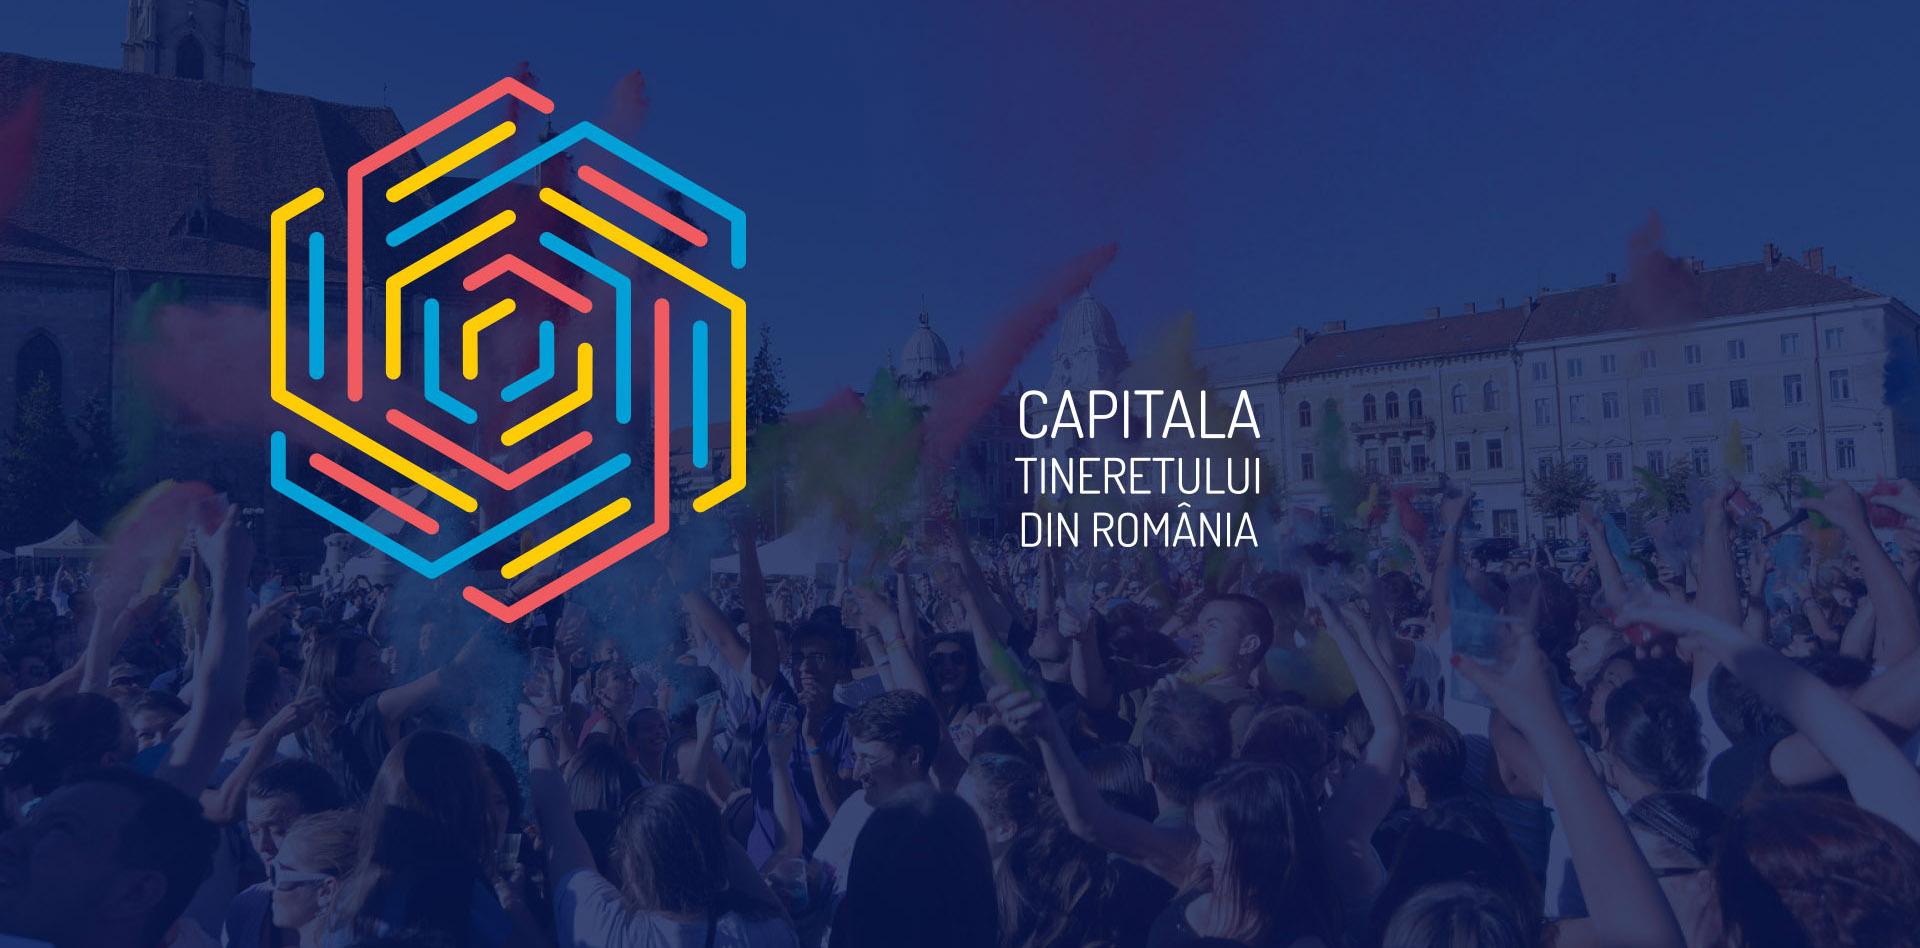 """14 octombrie – data limită până la care pot fi depuse candidaturile pentru """"Capitala Tineretului din România 2017"""""""